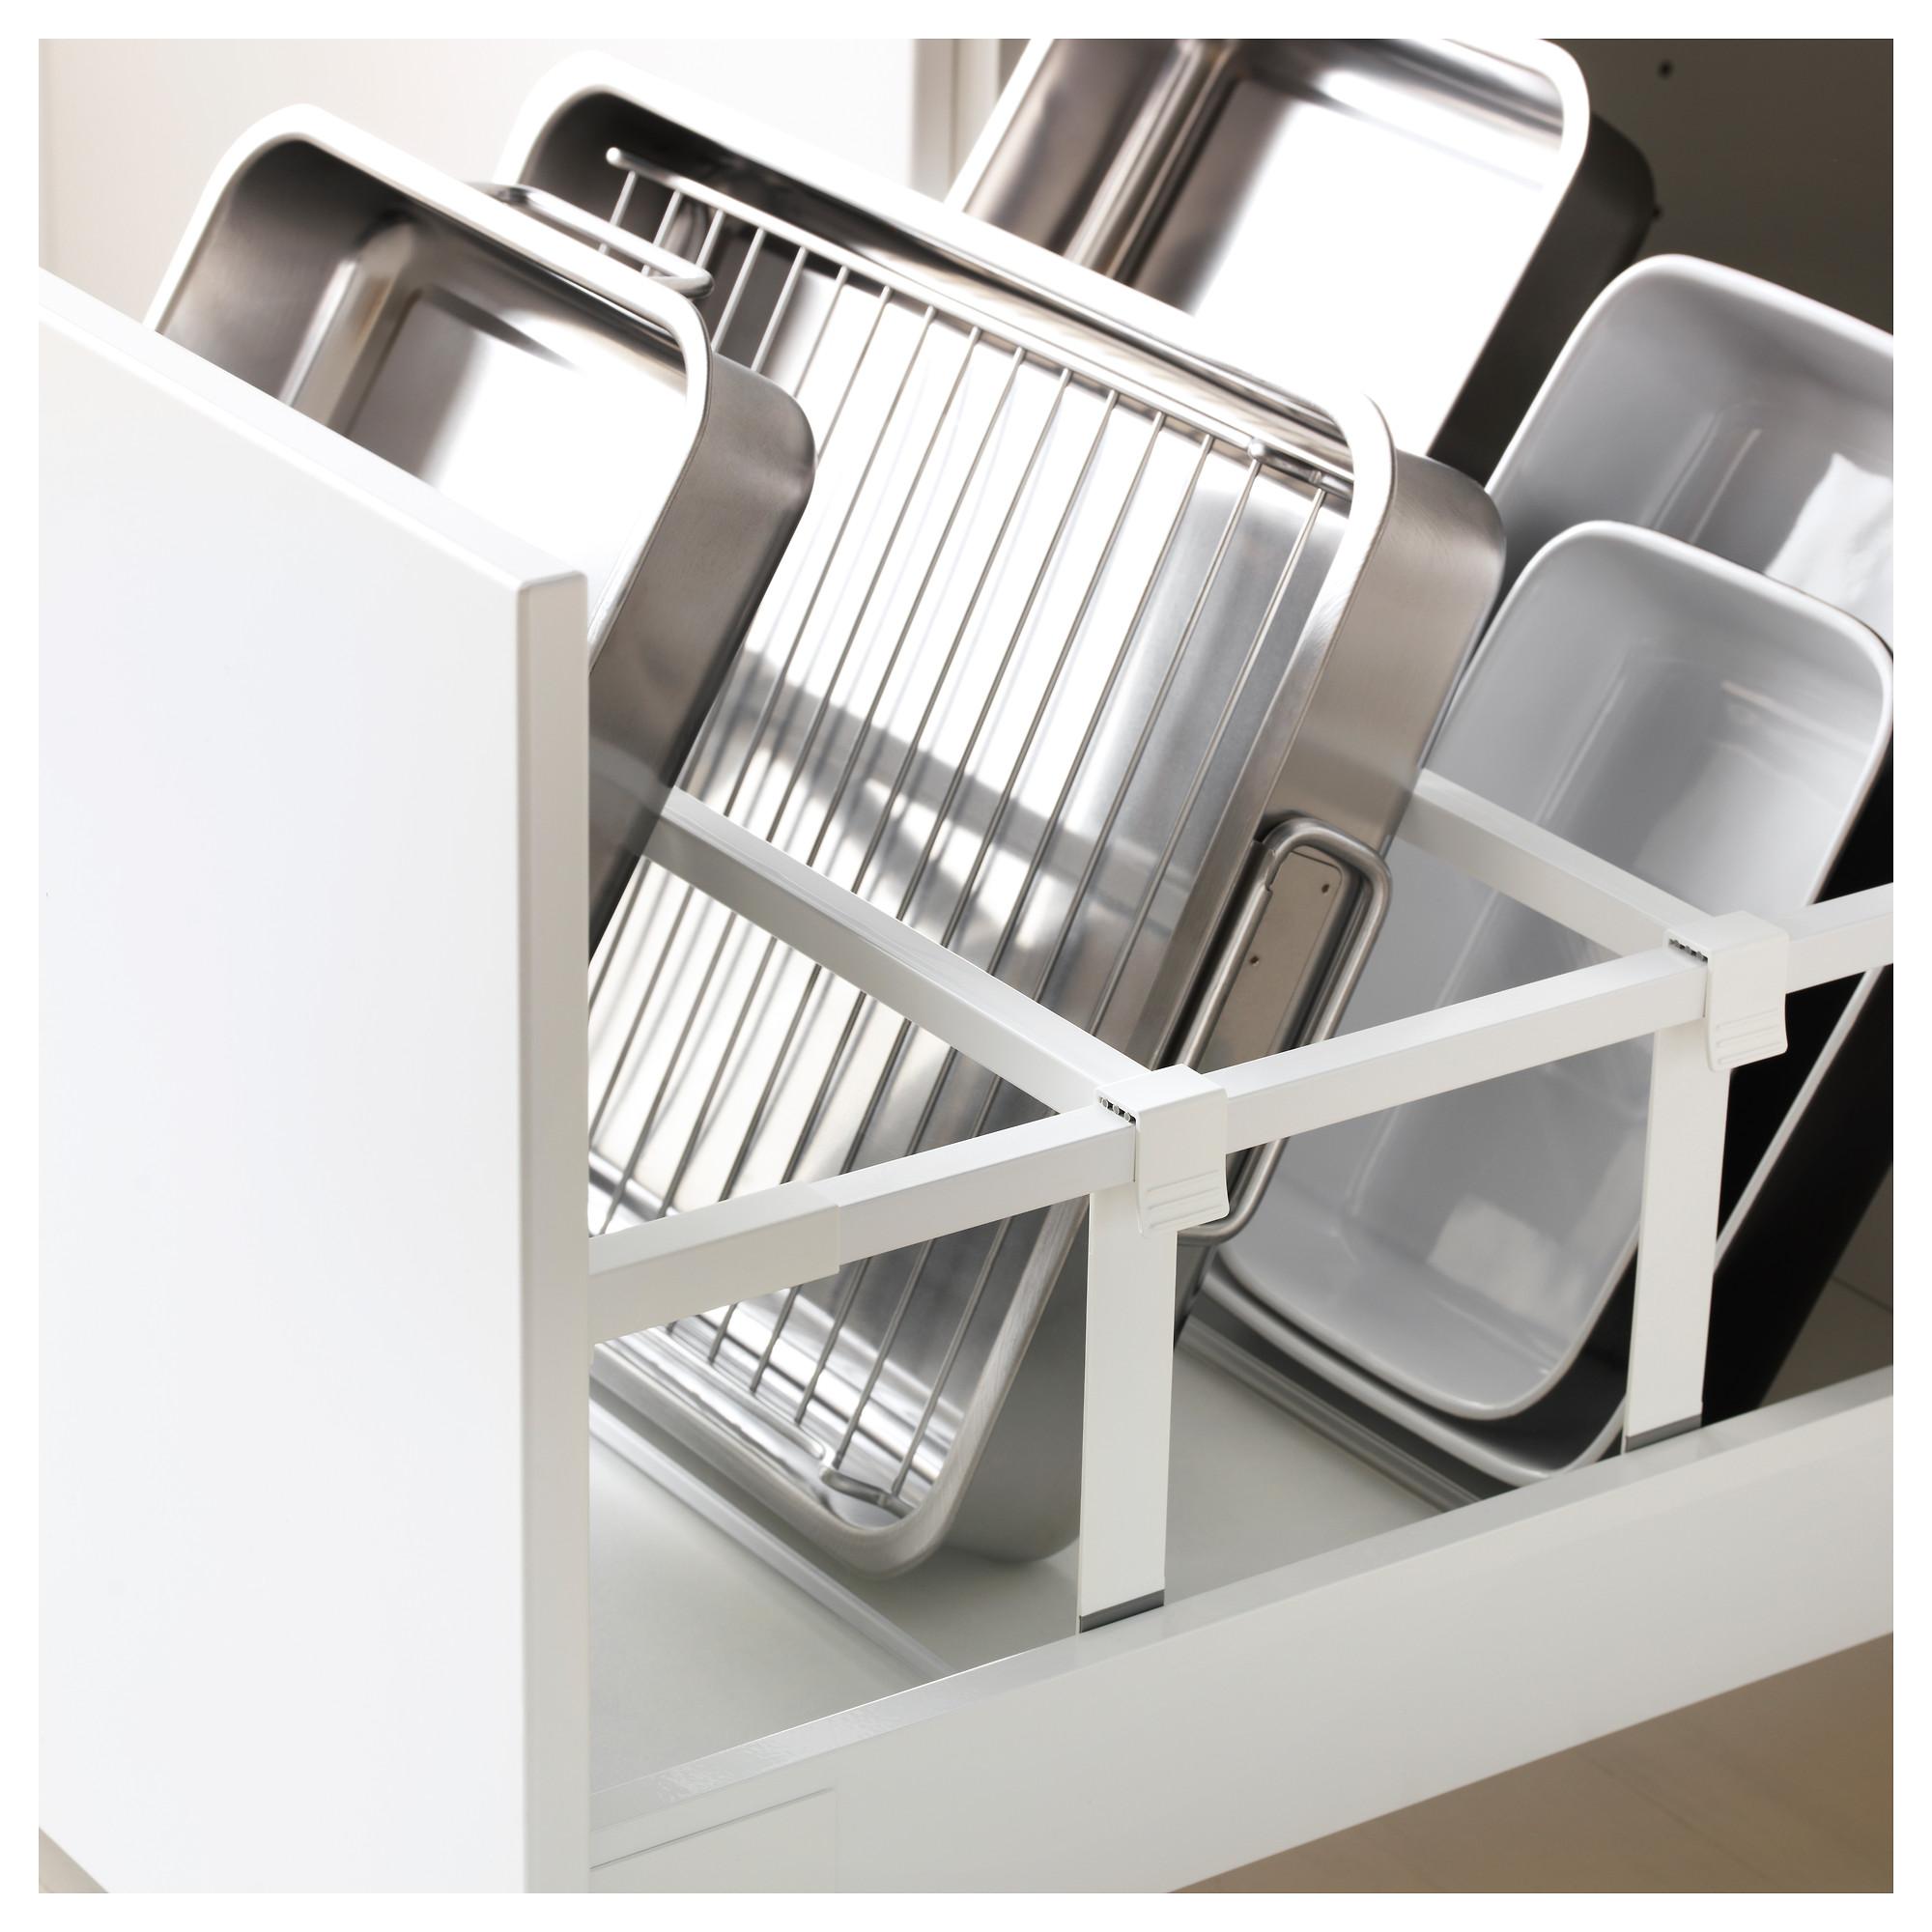 Высокий шкаф для холодильника, с дверцами, 3 ящика МЕТОД / МАКСИМЕРА белый артикуль № 692.378.68 в наличии. Online сайт ИКЕА РБ. Быстрая доставка и монтаж.